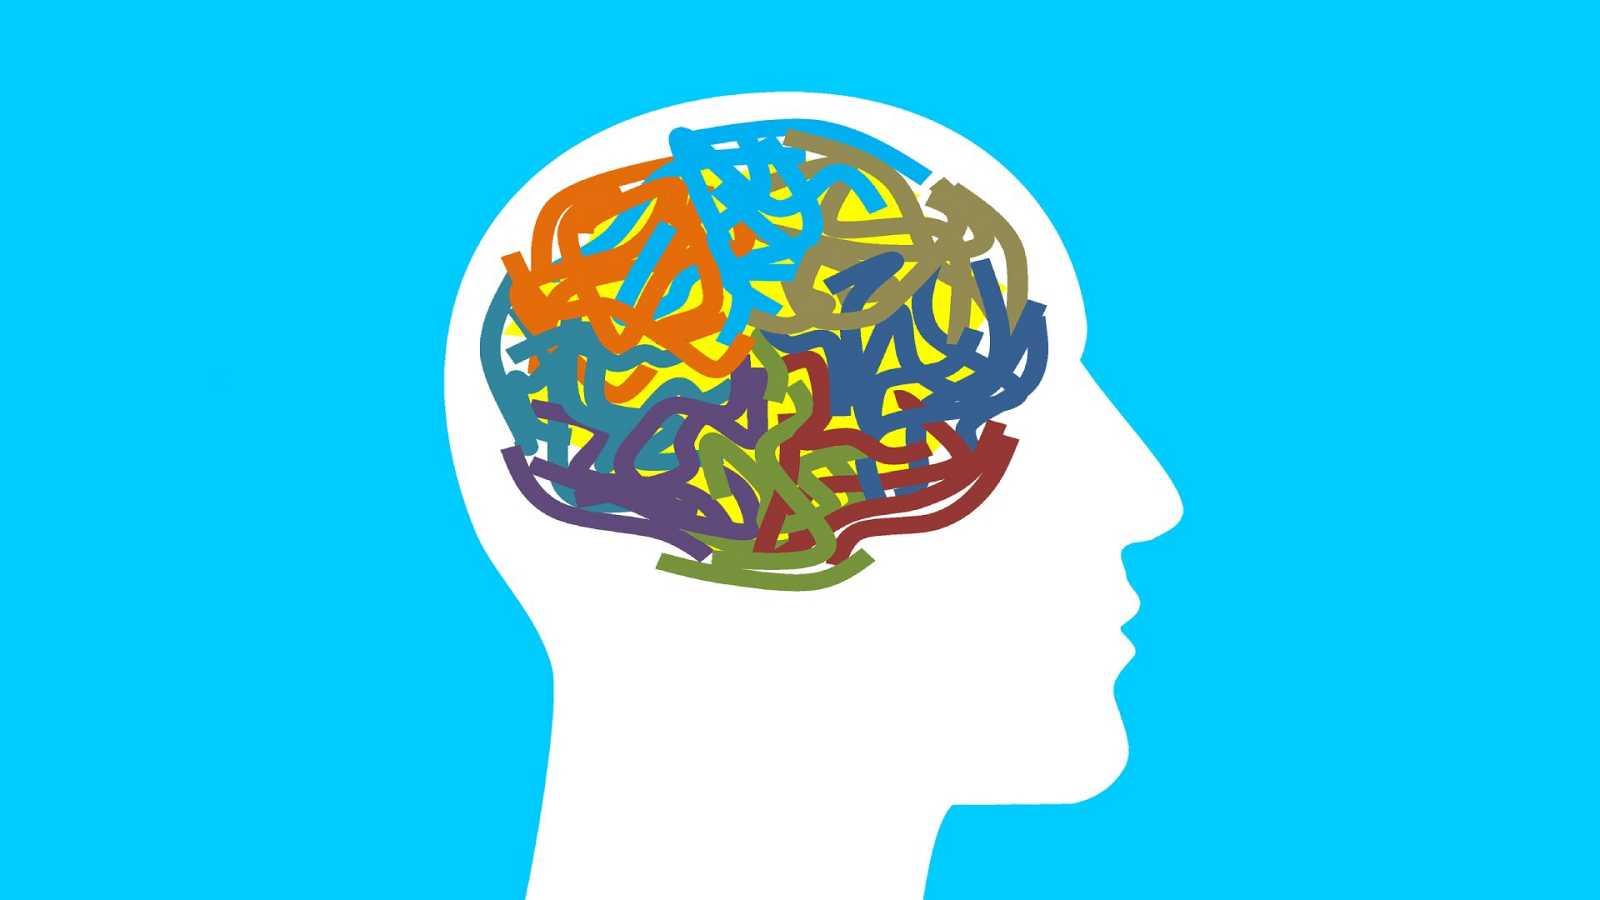 Futuro abierto - Salud mental - 14/02/21 - escuchar ahora